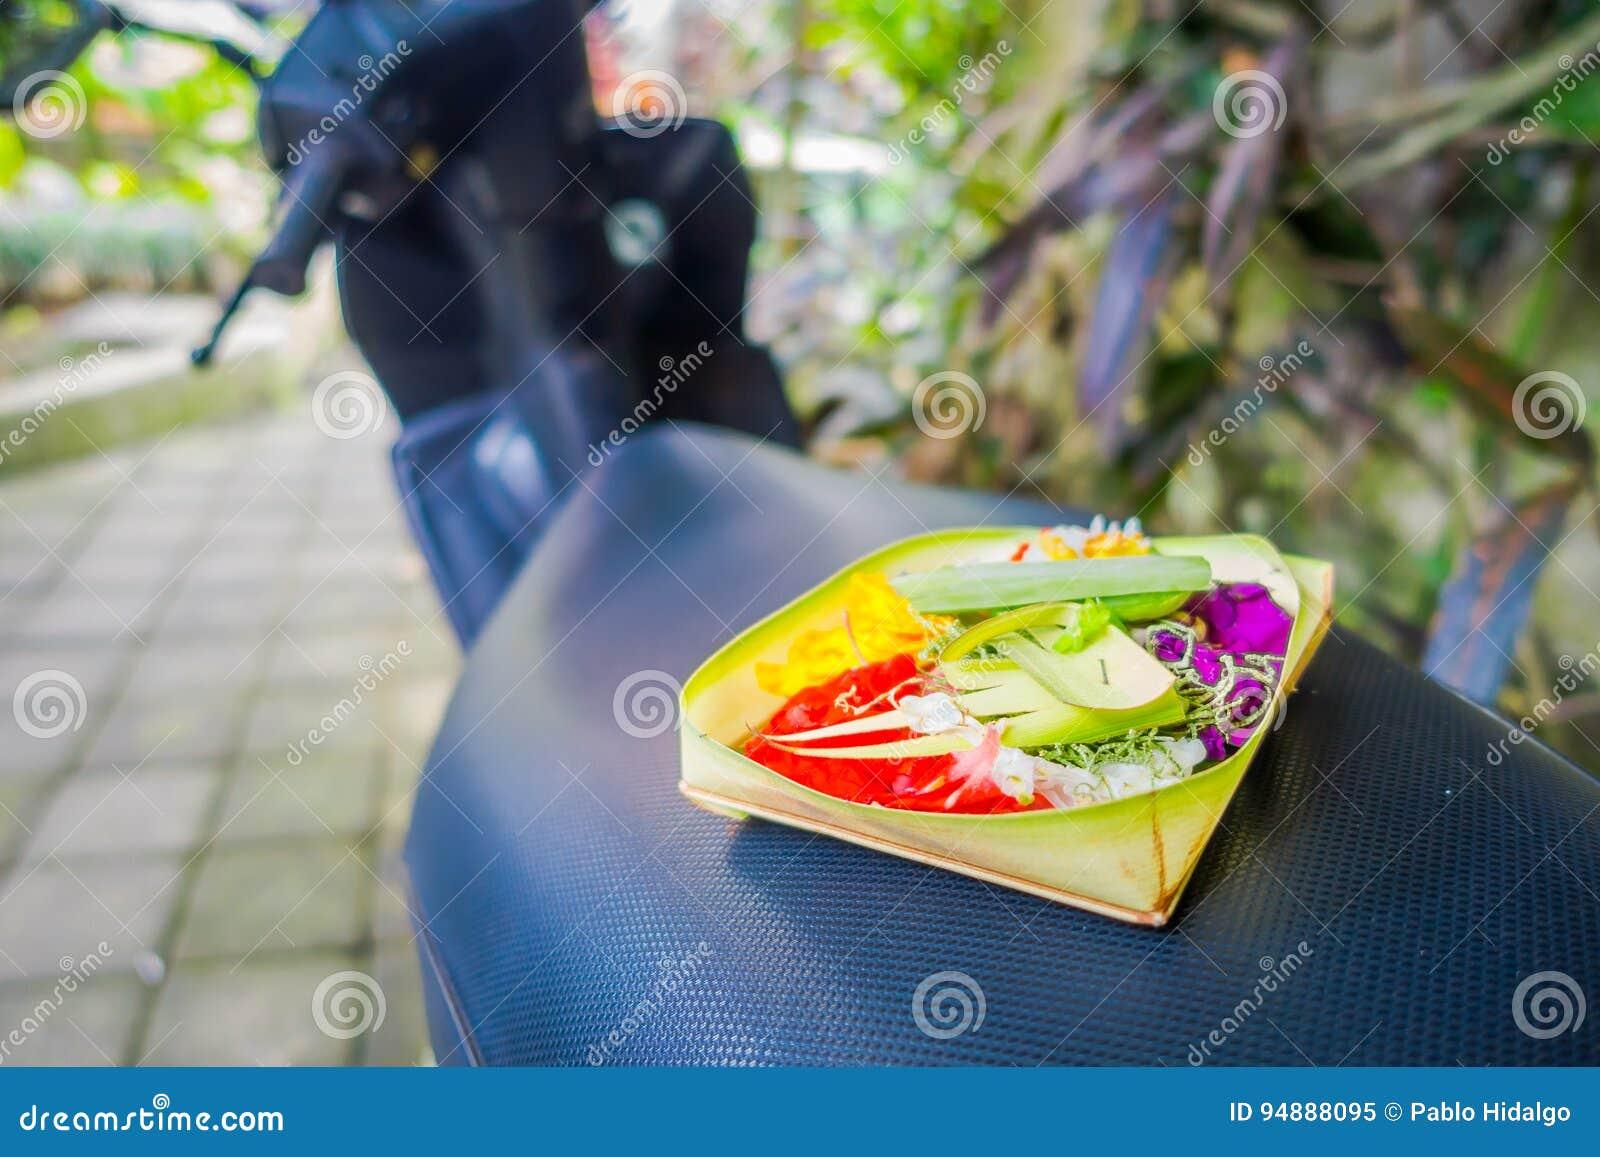 En marknad med en ask som göras av blad, inom en ordning av blommor på en motorcyle, i staden av Denpasar i Indonesien